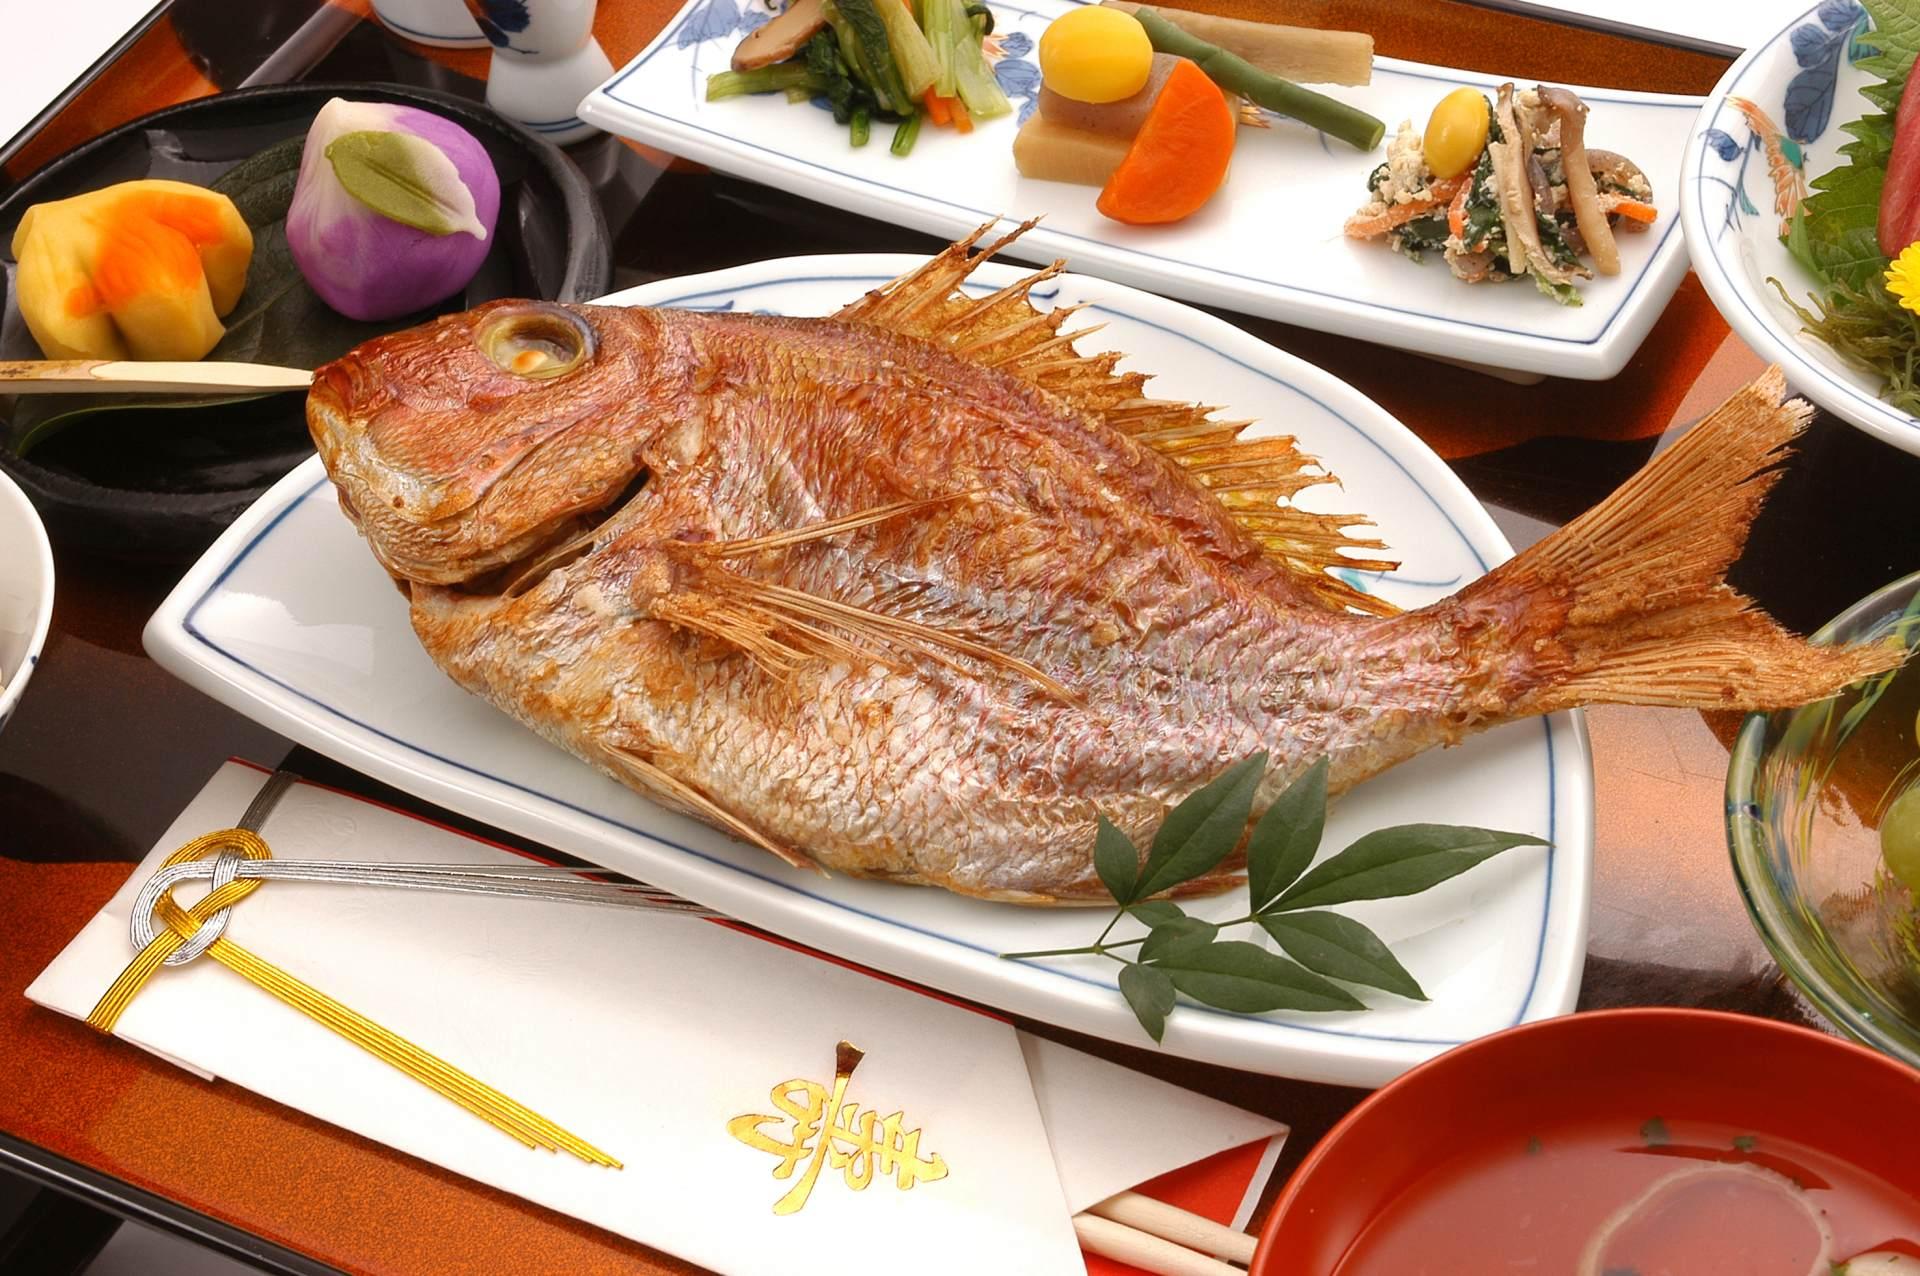 御節料理的代表食材: 鯛魚